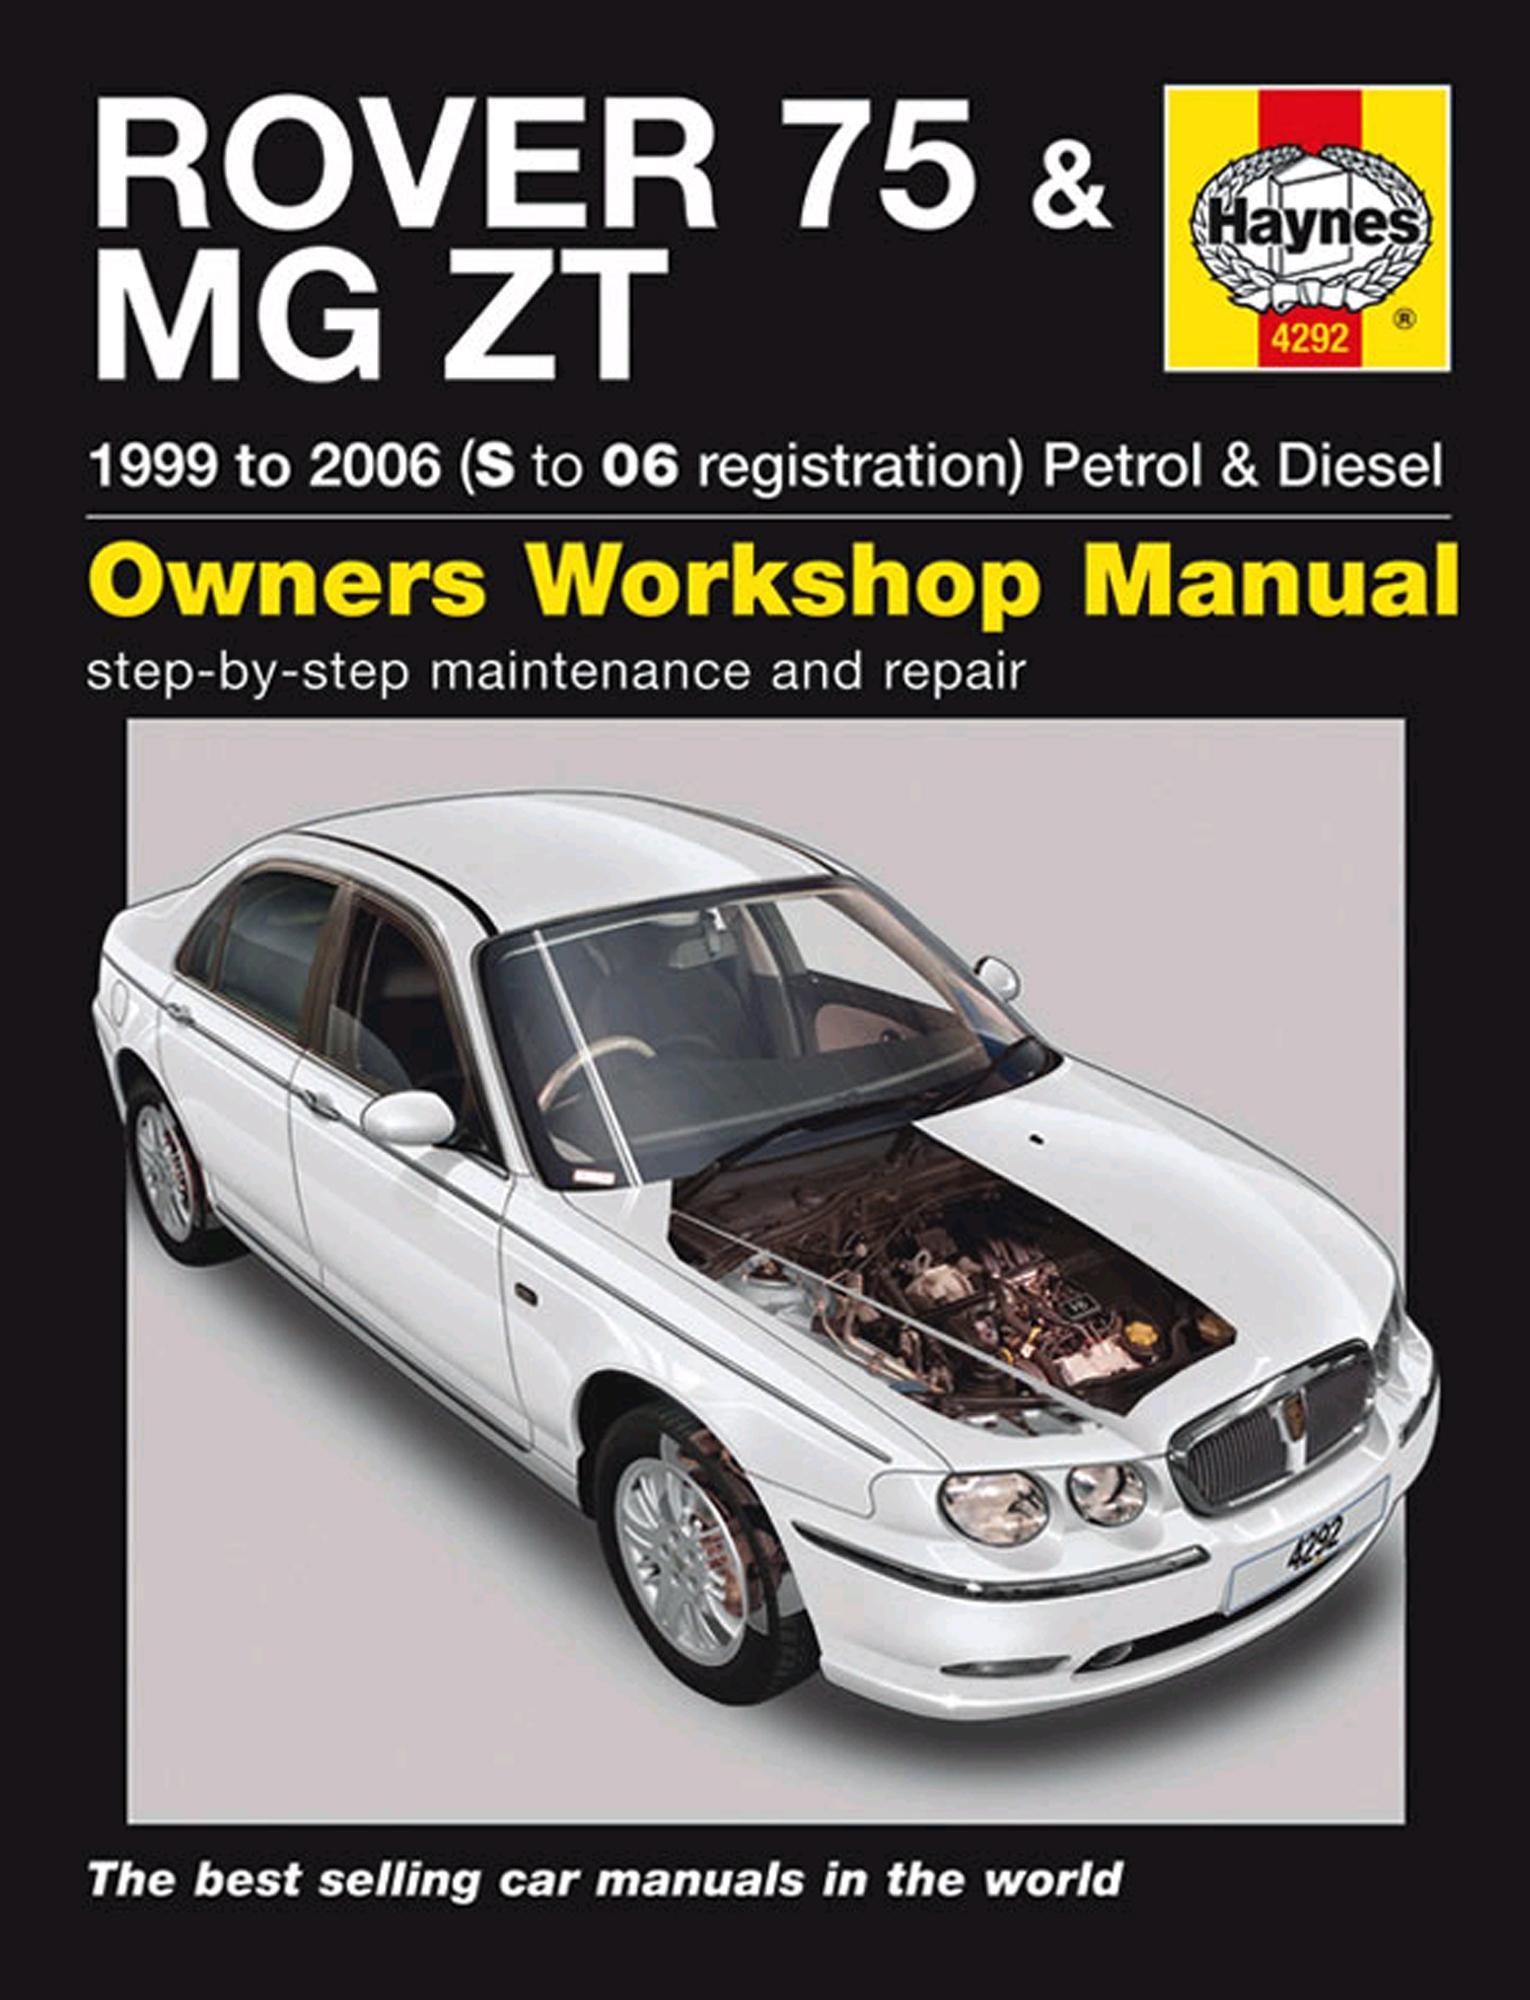 haynes owners workshop manual rover 75 mg zt 1999 2006 petrol diesel rh ebay co uk mg zt owners handbook mg zt owners handbook